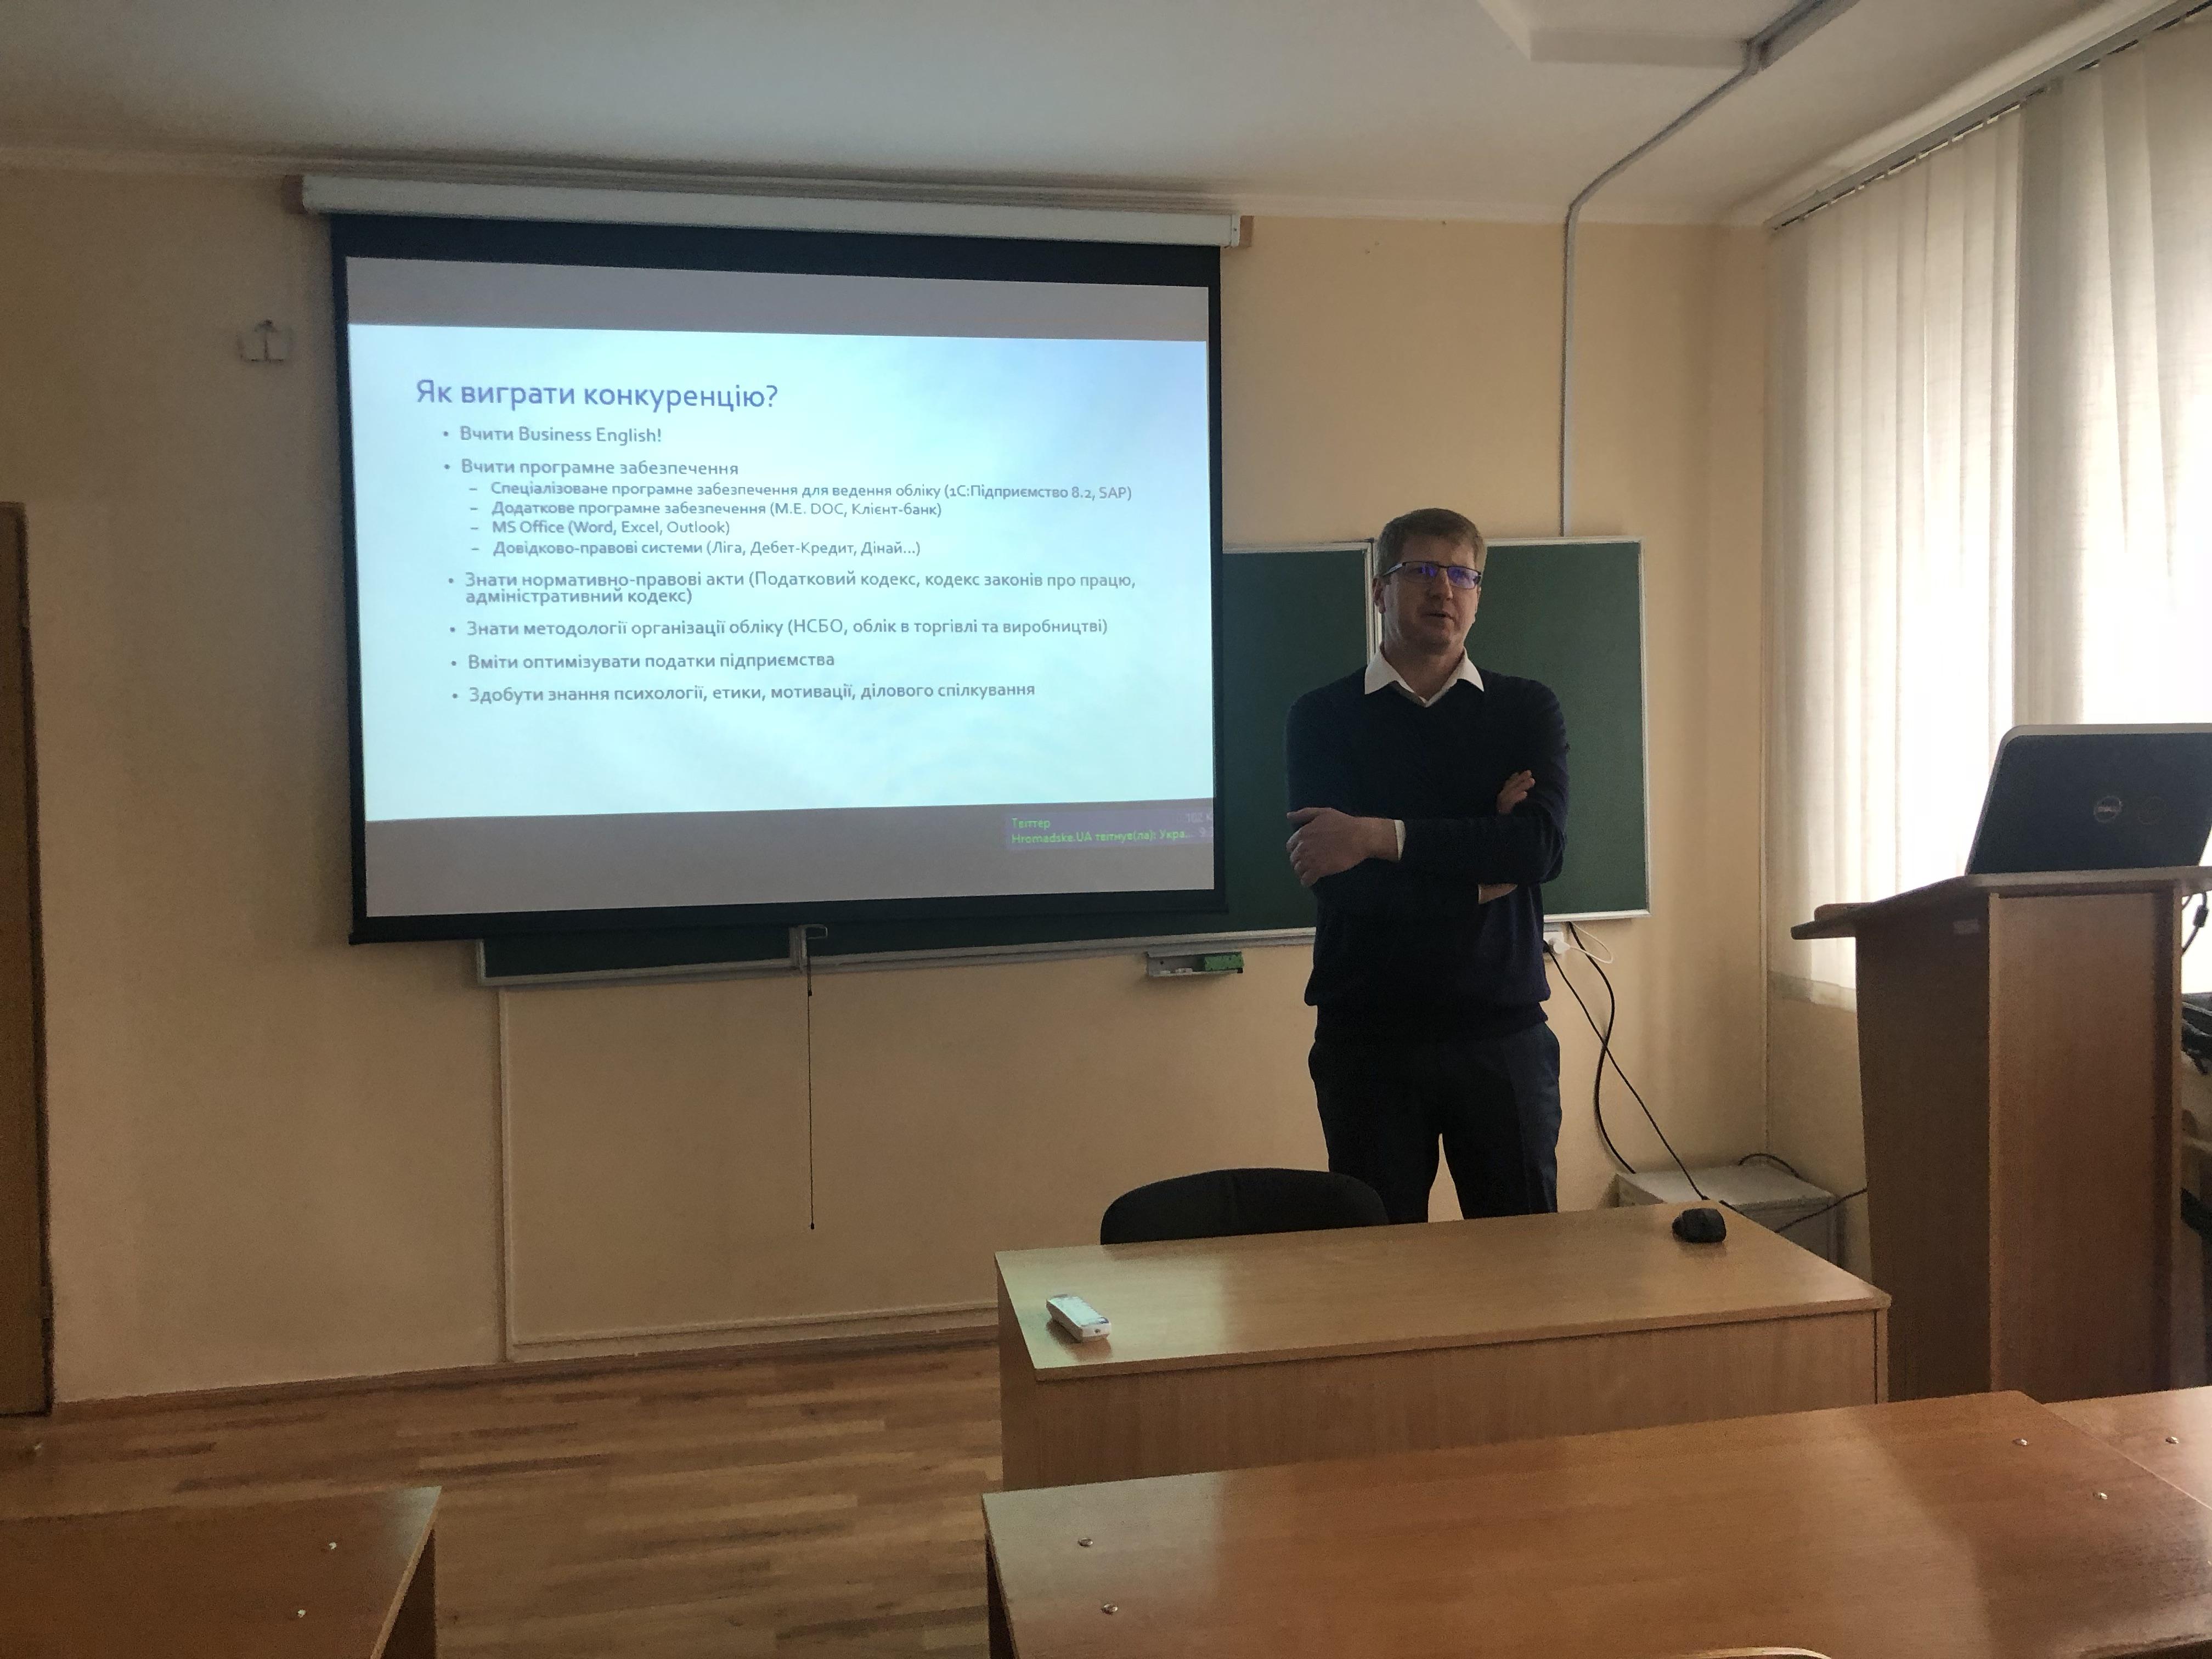 Засновник і директор ТОВ «Волошин» Мирослав Волошин прочитав відкриту лекцію для студентів першого курсу